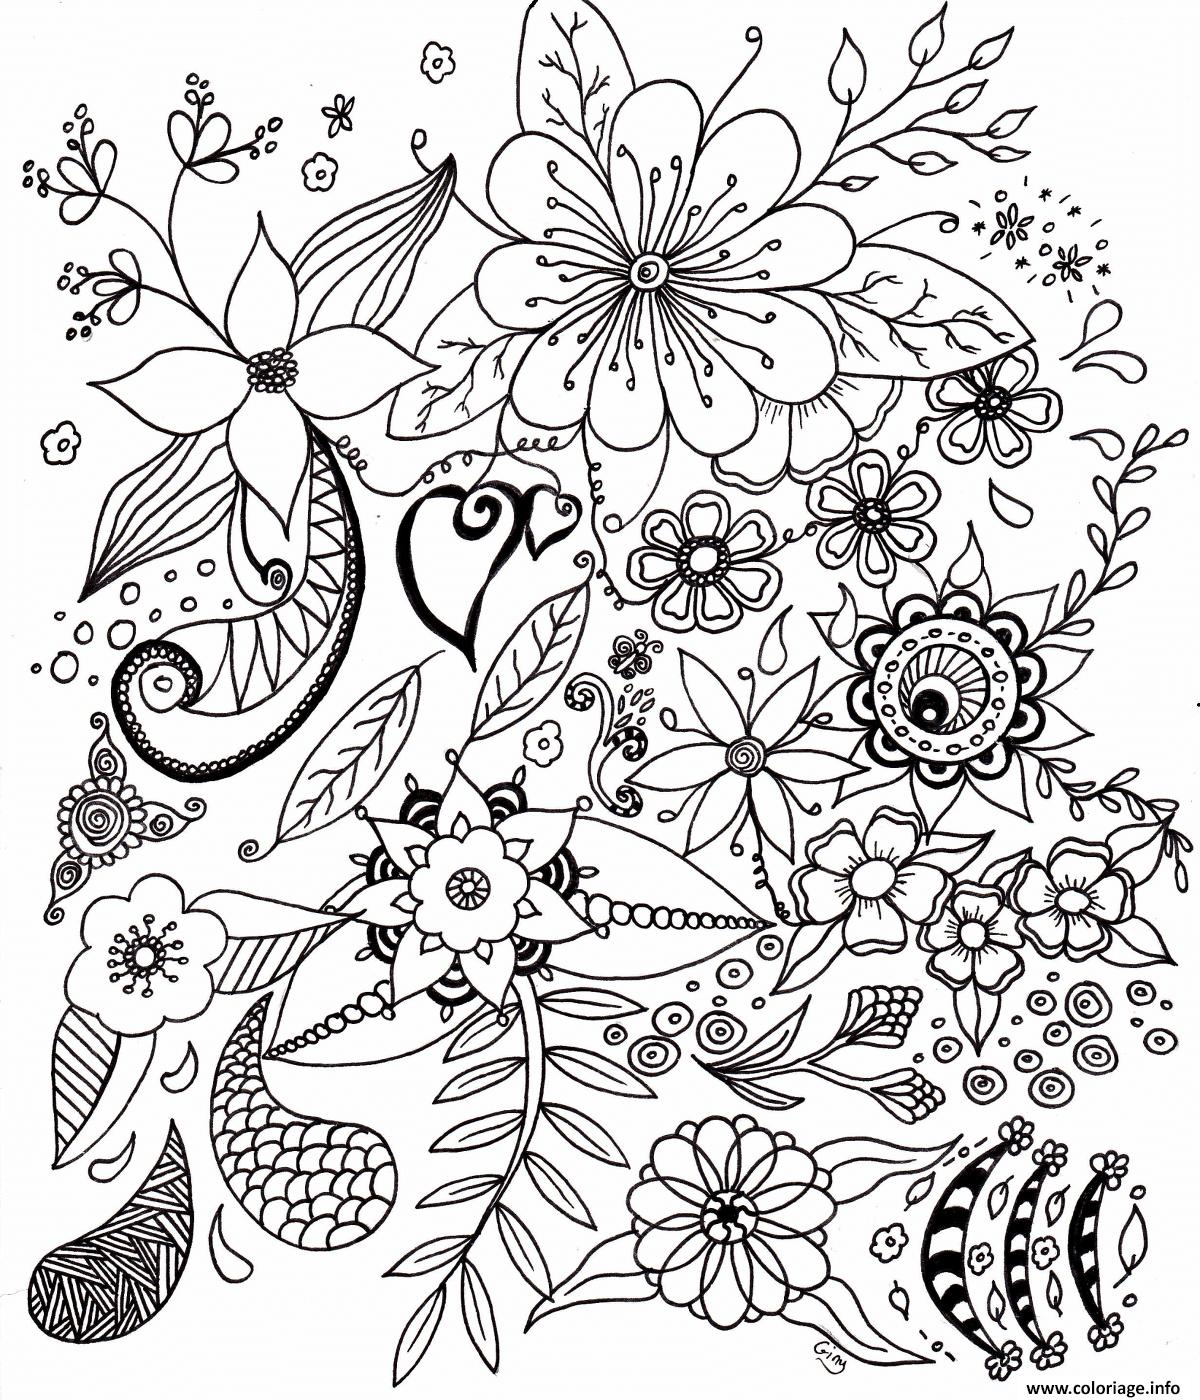 coloriage fleurs simples pour adulte dessin. Black Bedroom Furniture Sets. Home Design Ideas